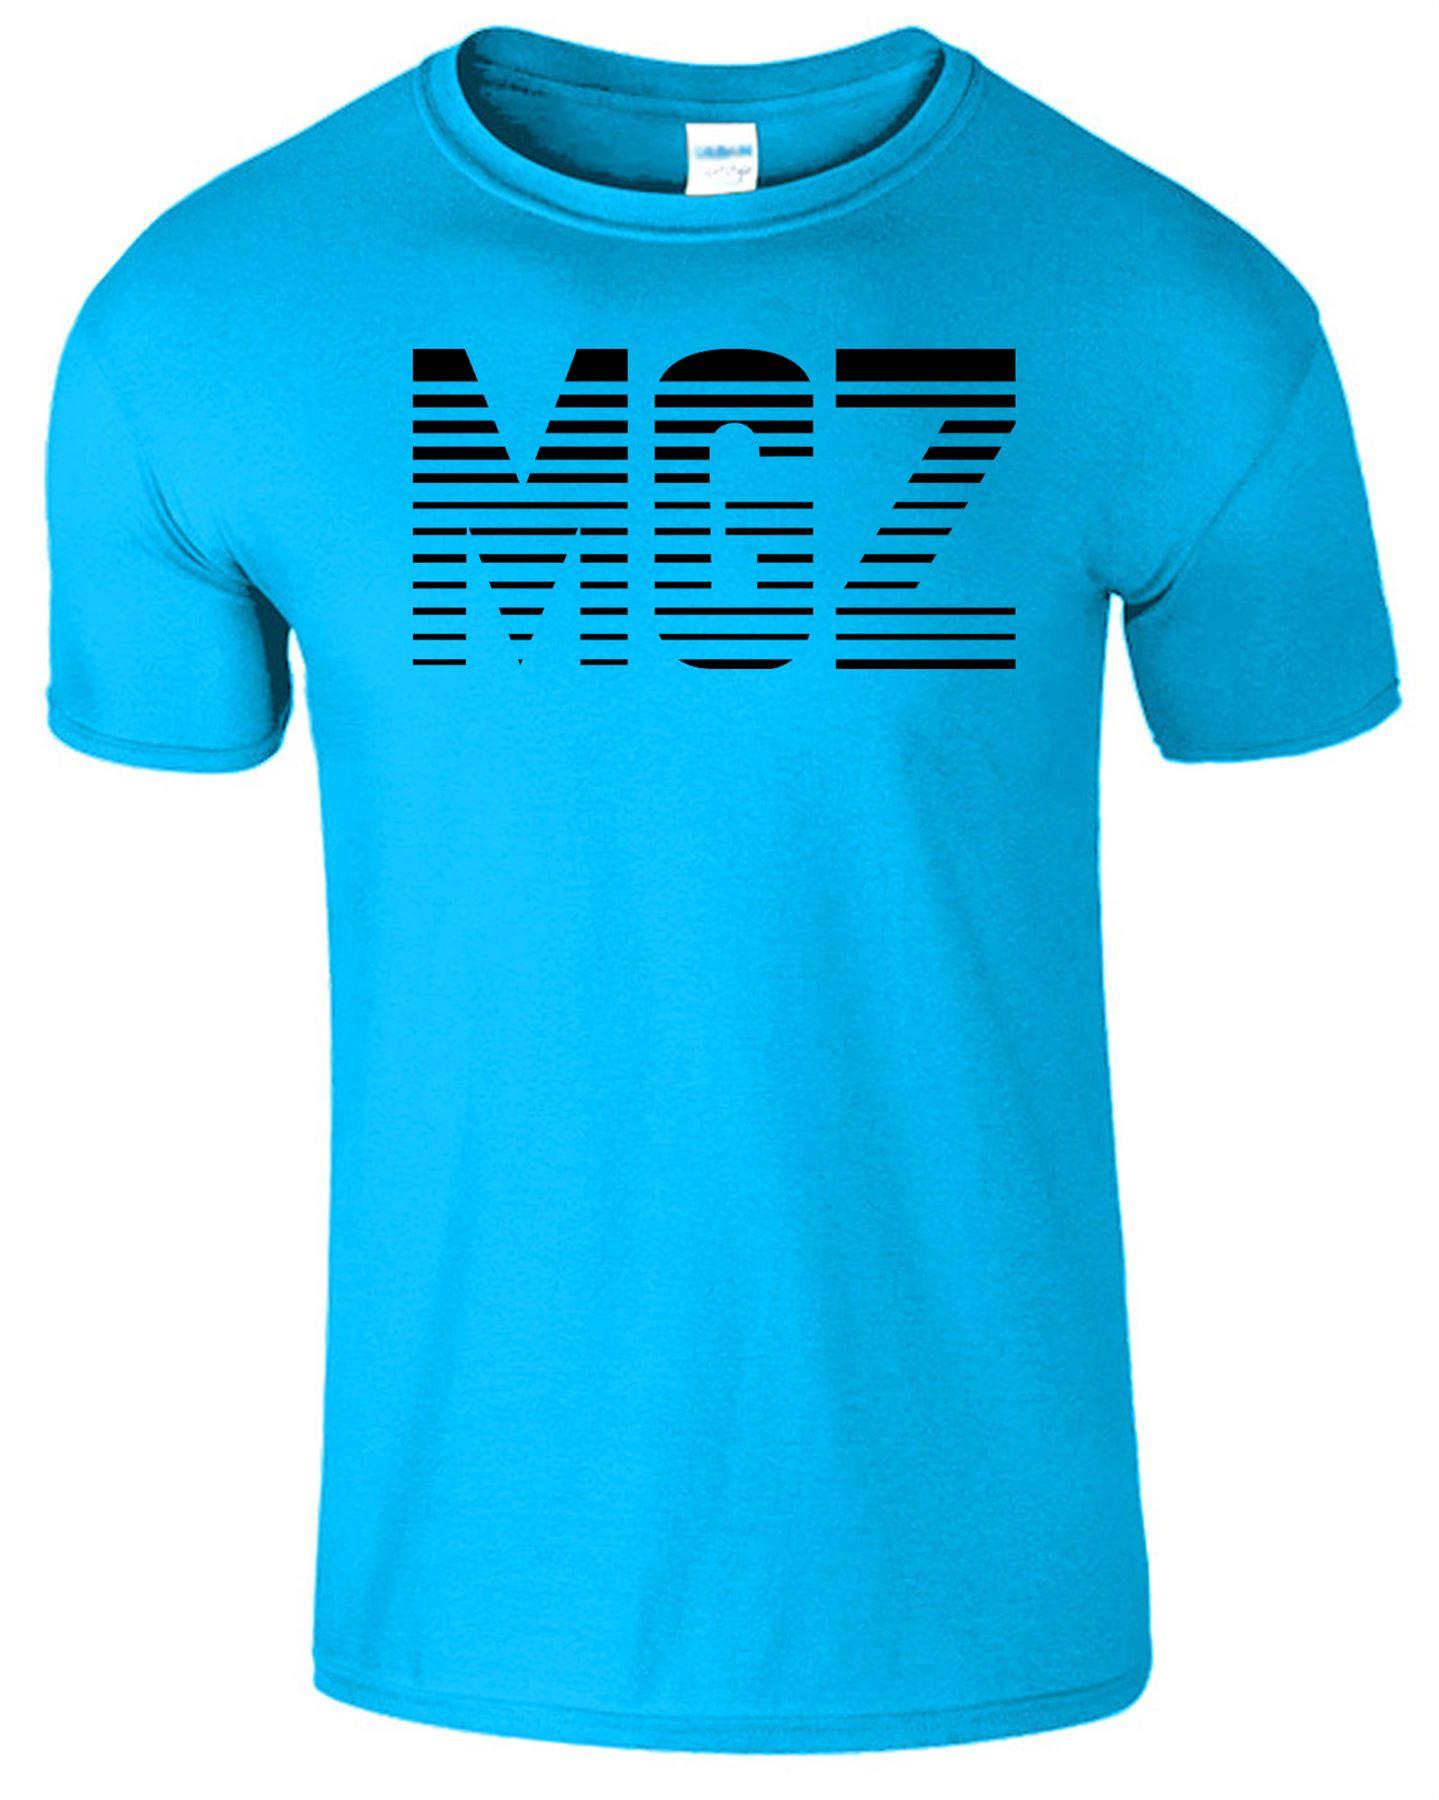 Morgz T Shirt Inspired Gaming Youtuber Children Boys Girls Unisex Gift T-shirt